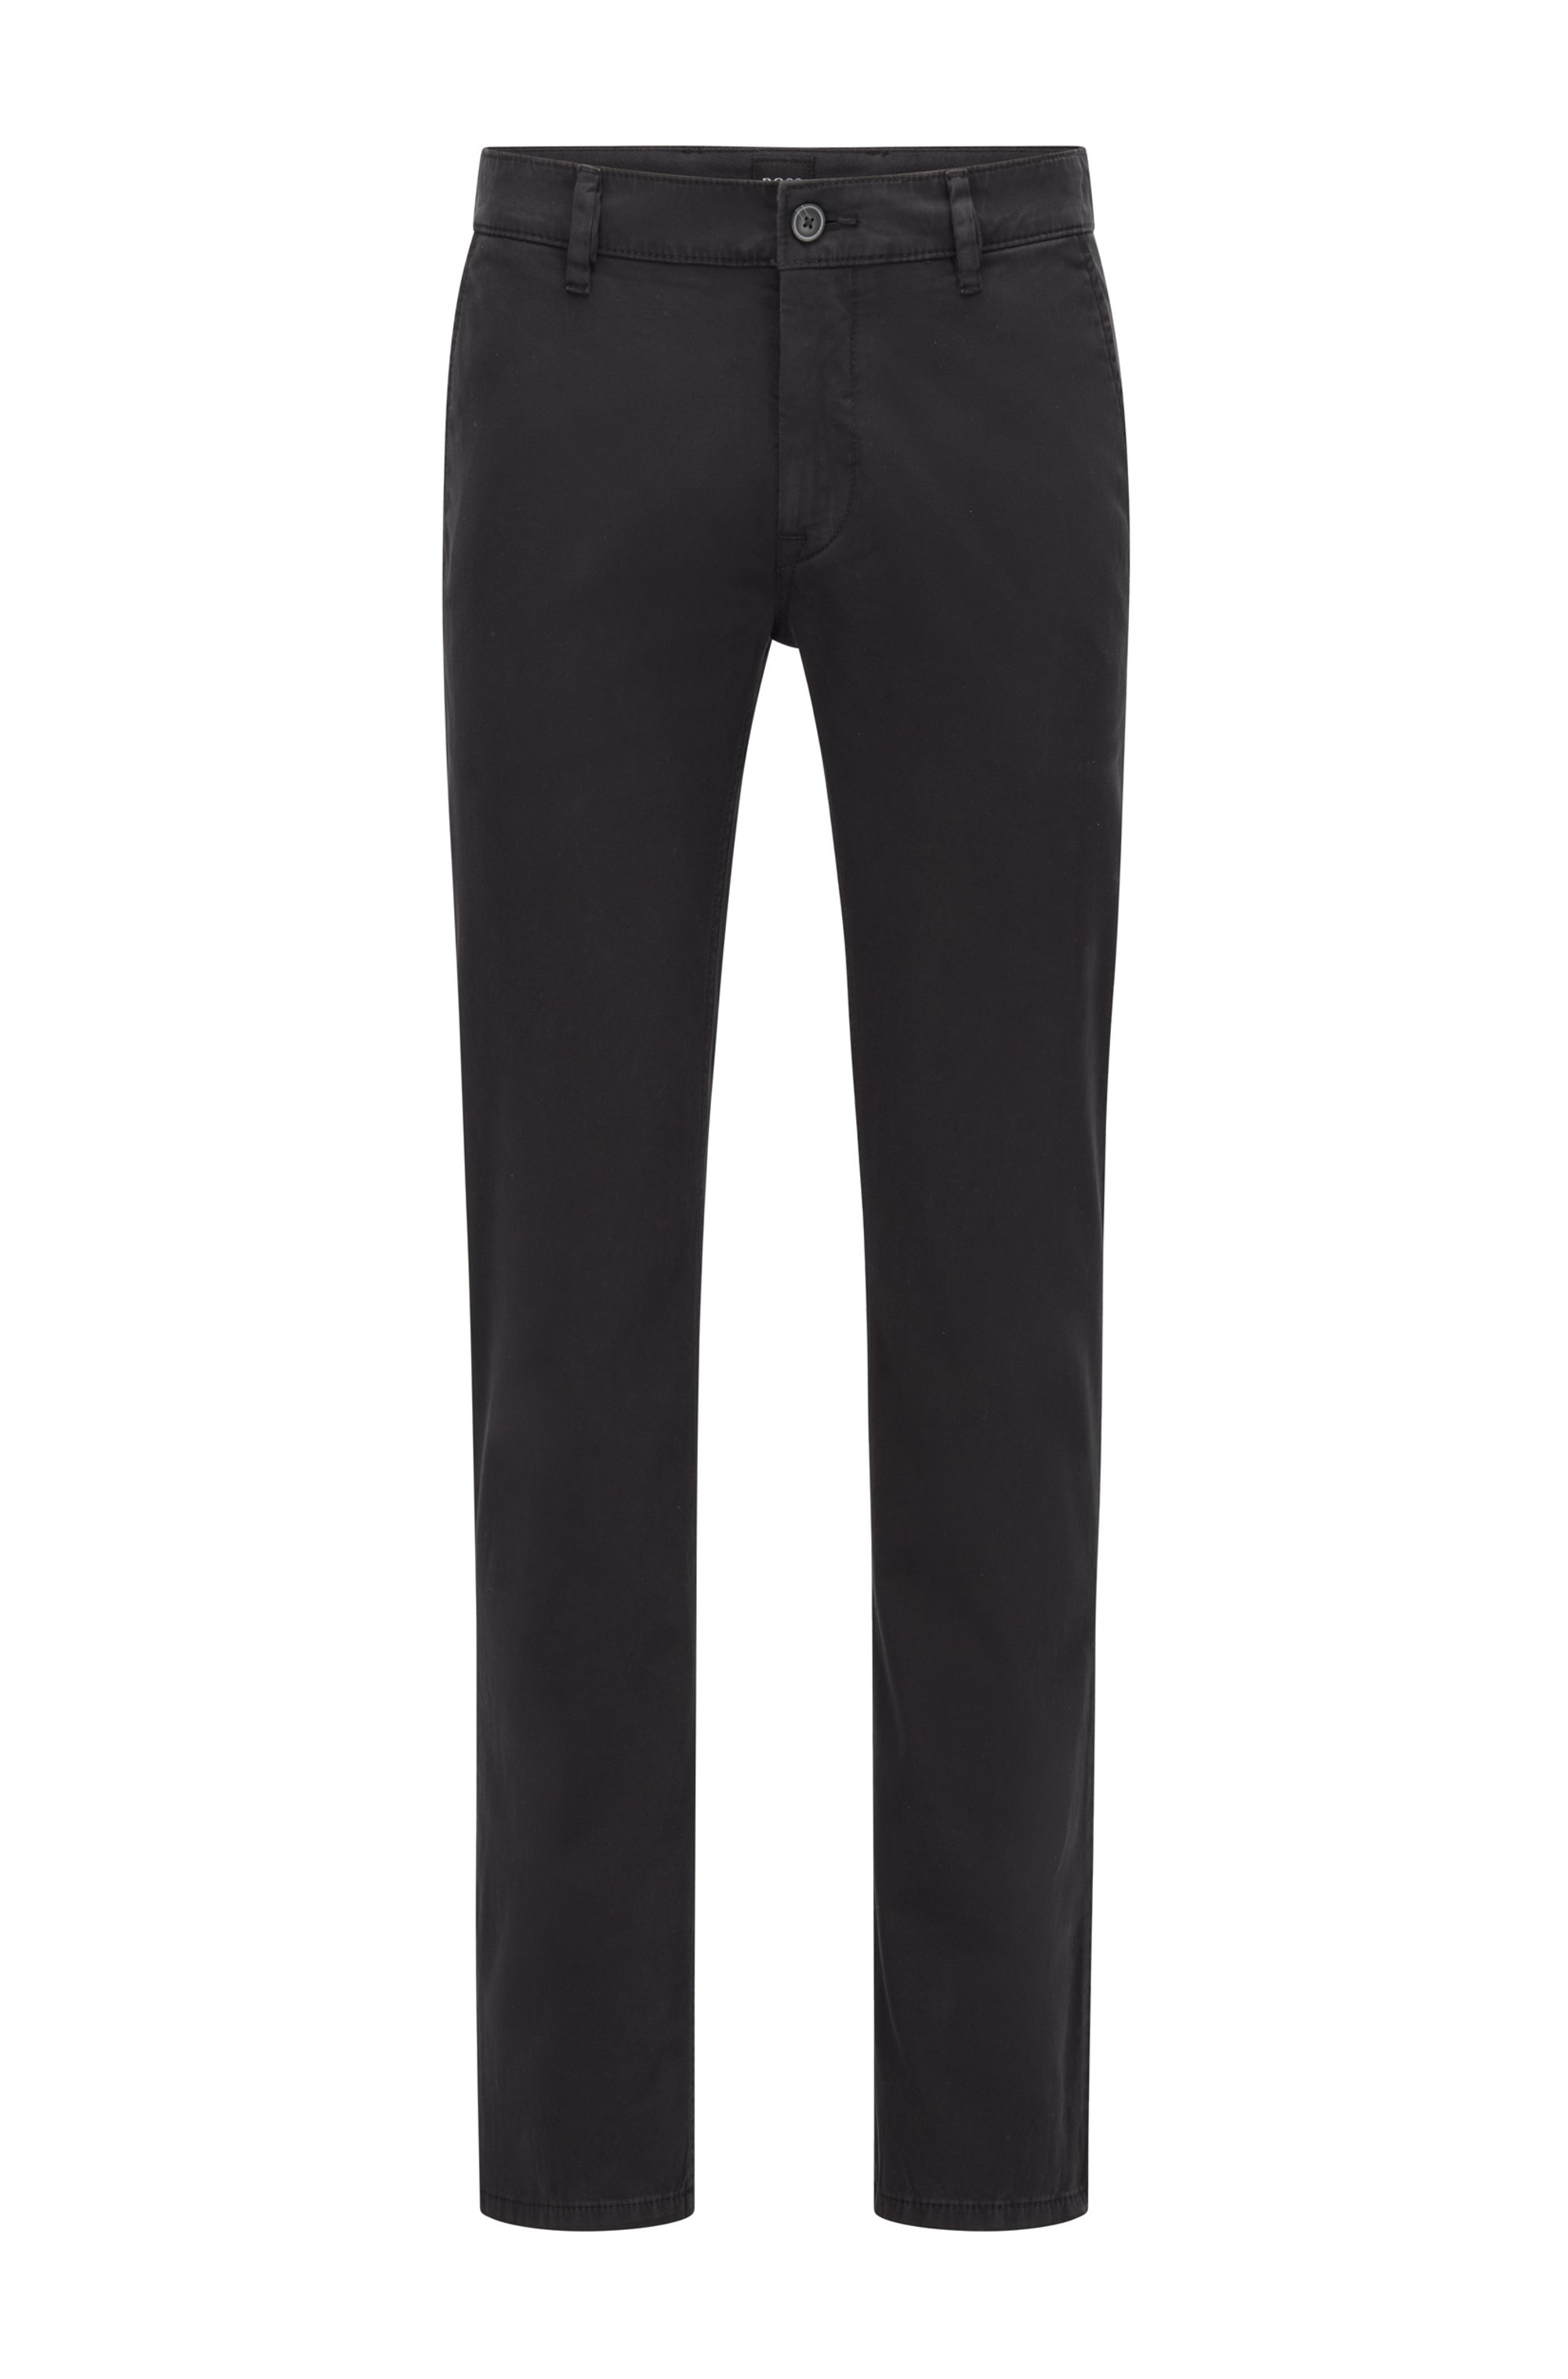 Chino casual Slim Fit en coton stretch brossé, Noir